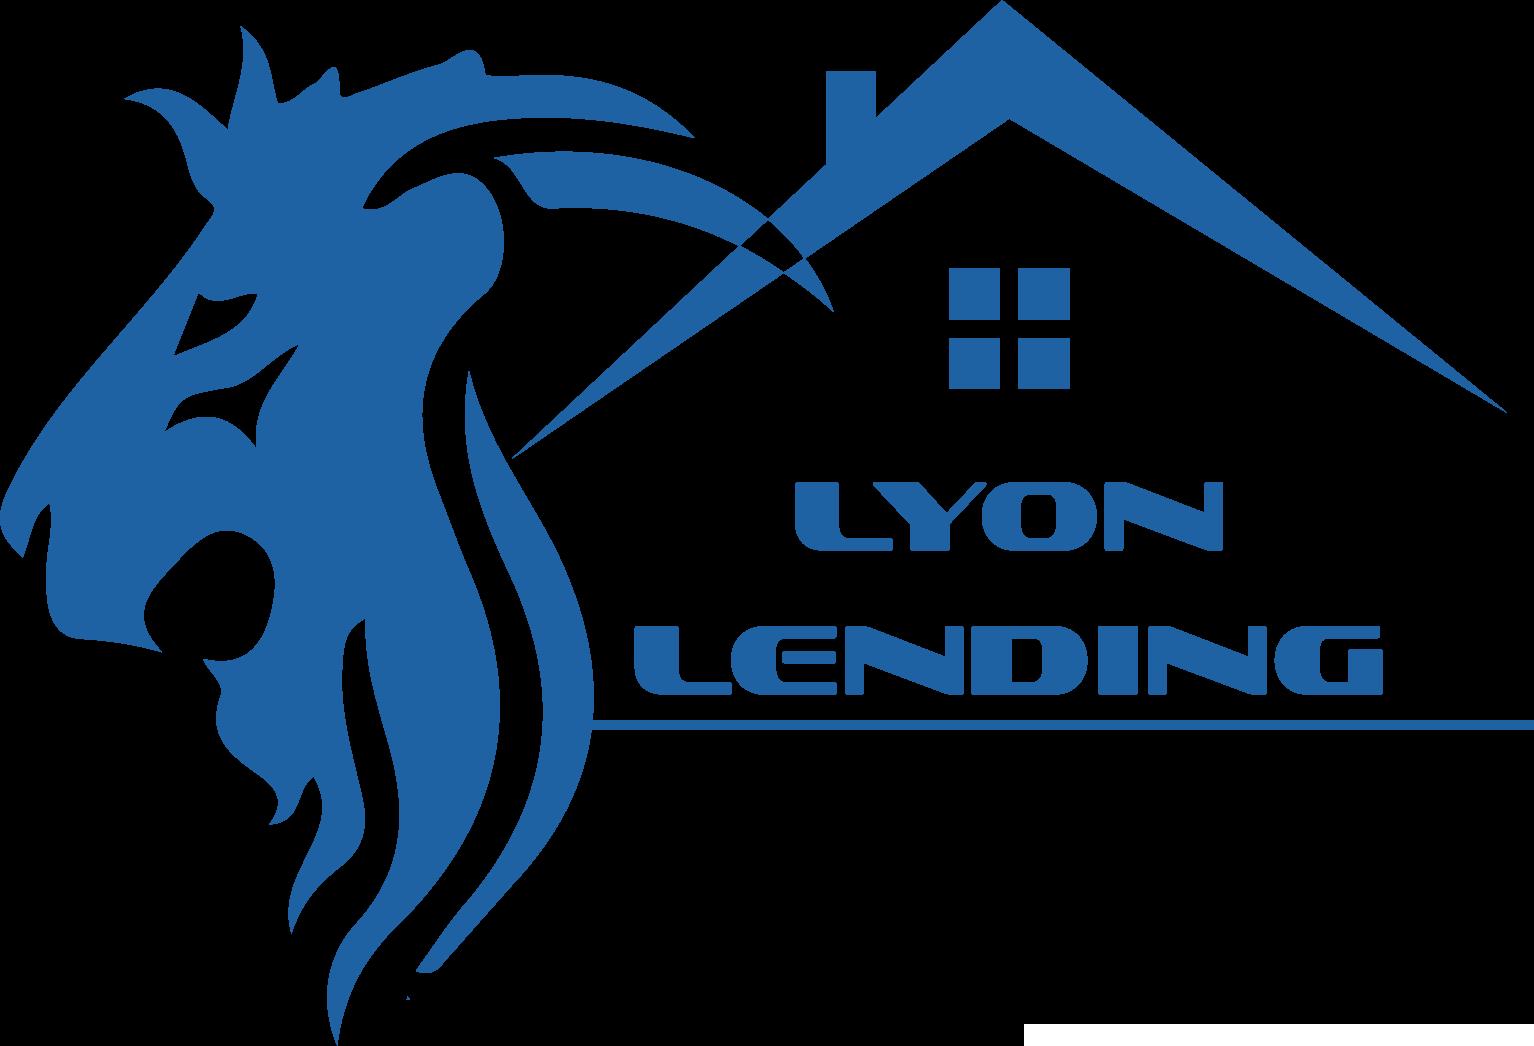 Lyon Lending